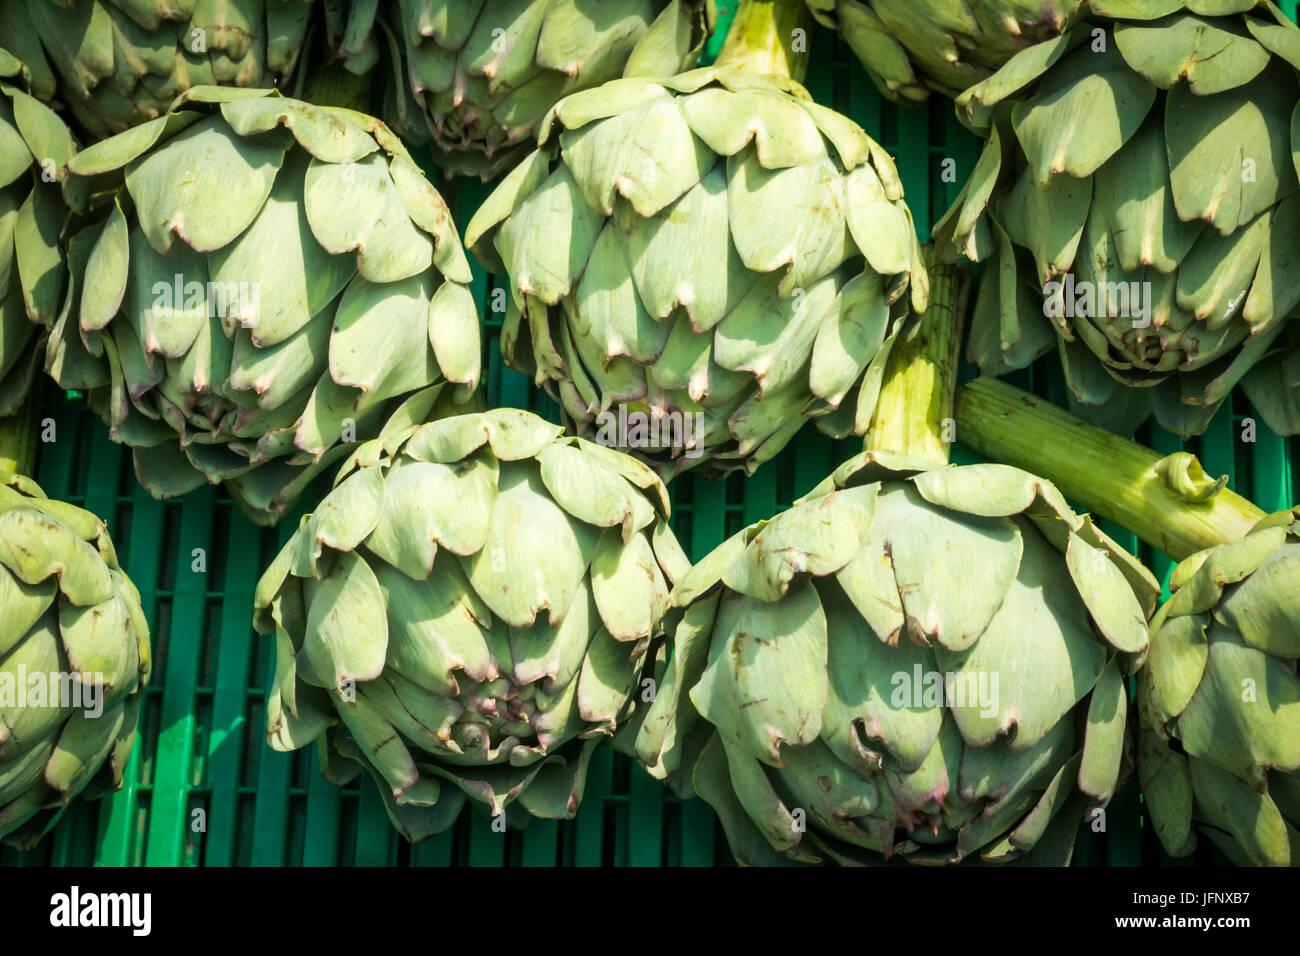 Artichauts sur un étal du marché Photo Stock